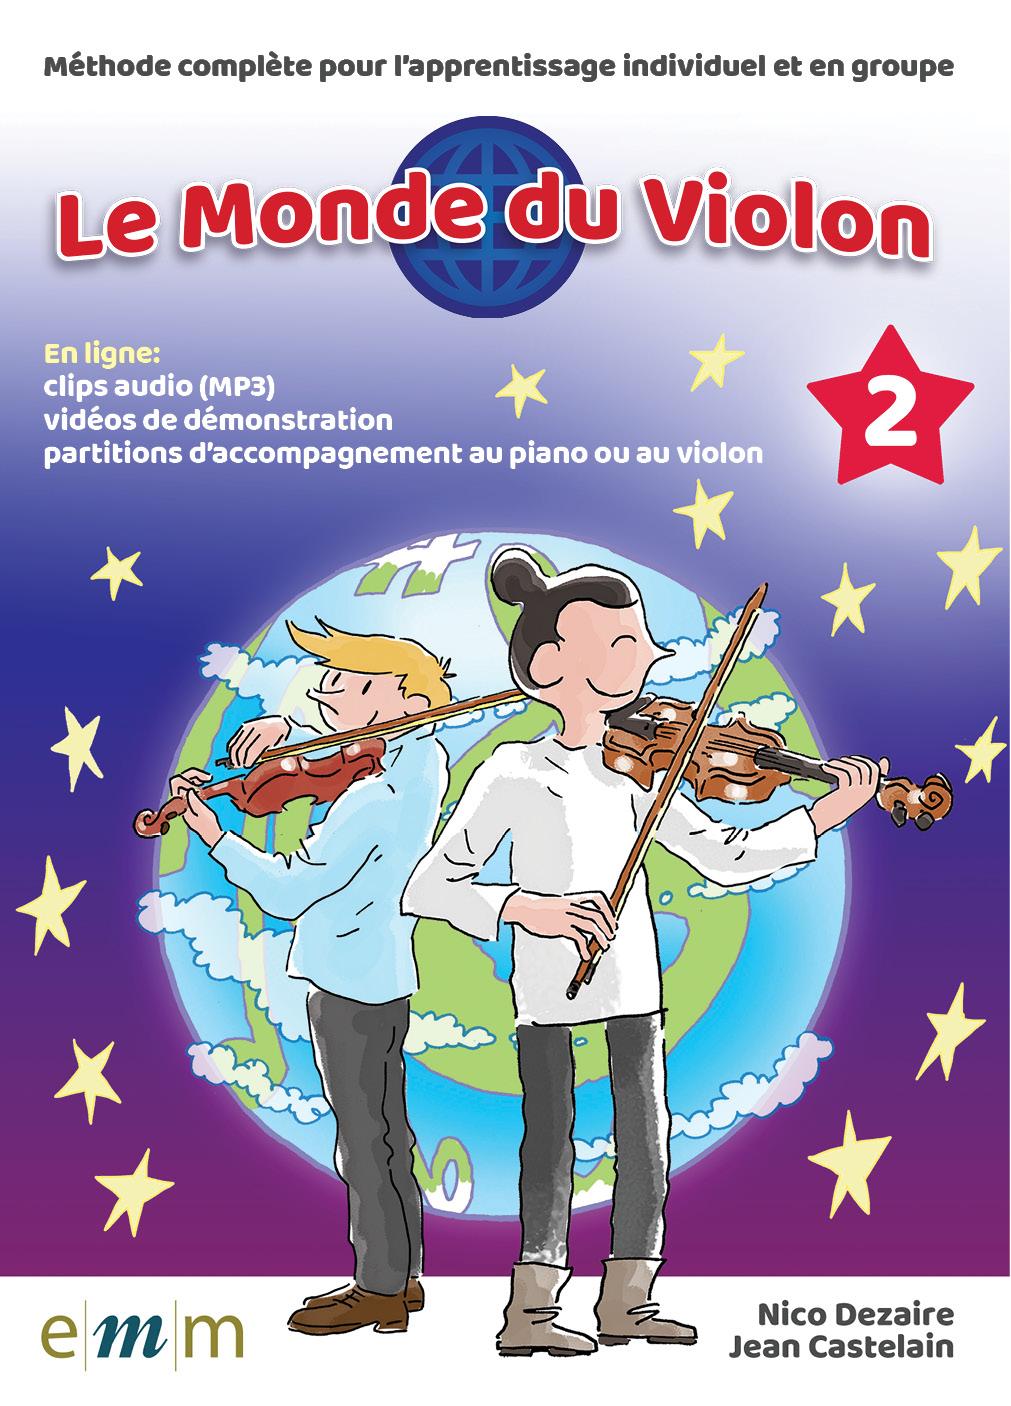 Je bekijkt nu 7_3 Troisième blues – DÉMO Violon 2 FR